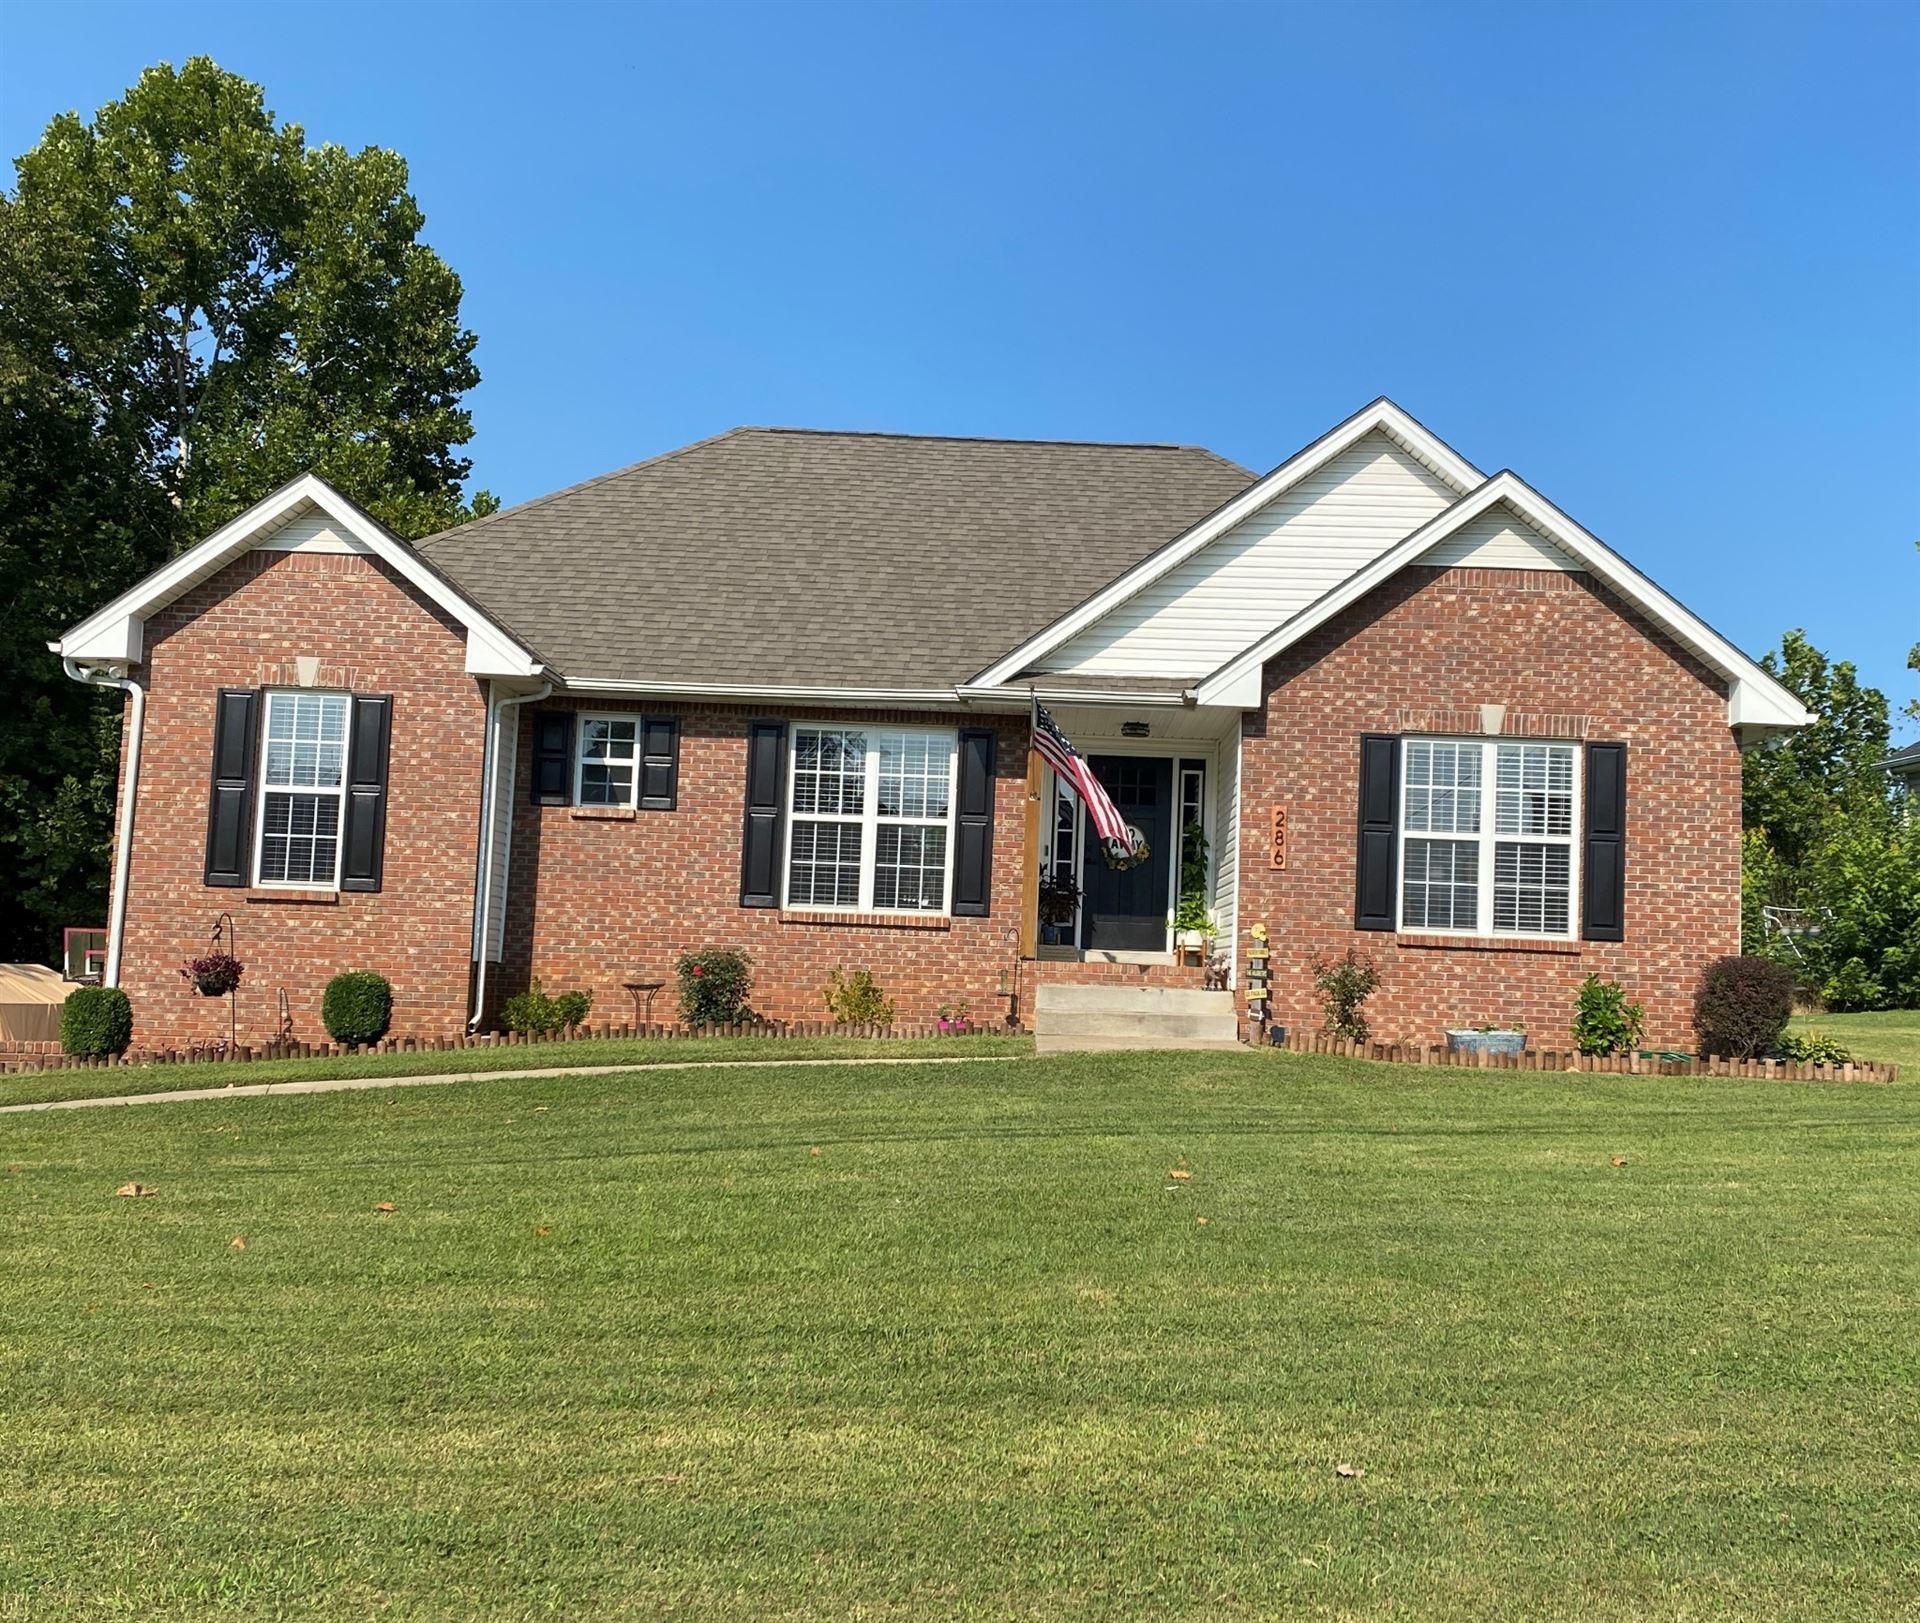 286 Harold Dr, Clarksville, TN 37040 - MLS#: 2291768